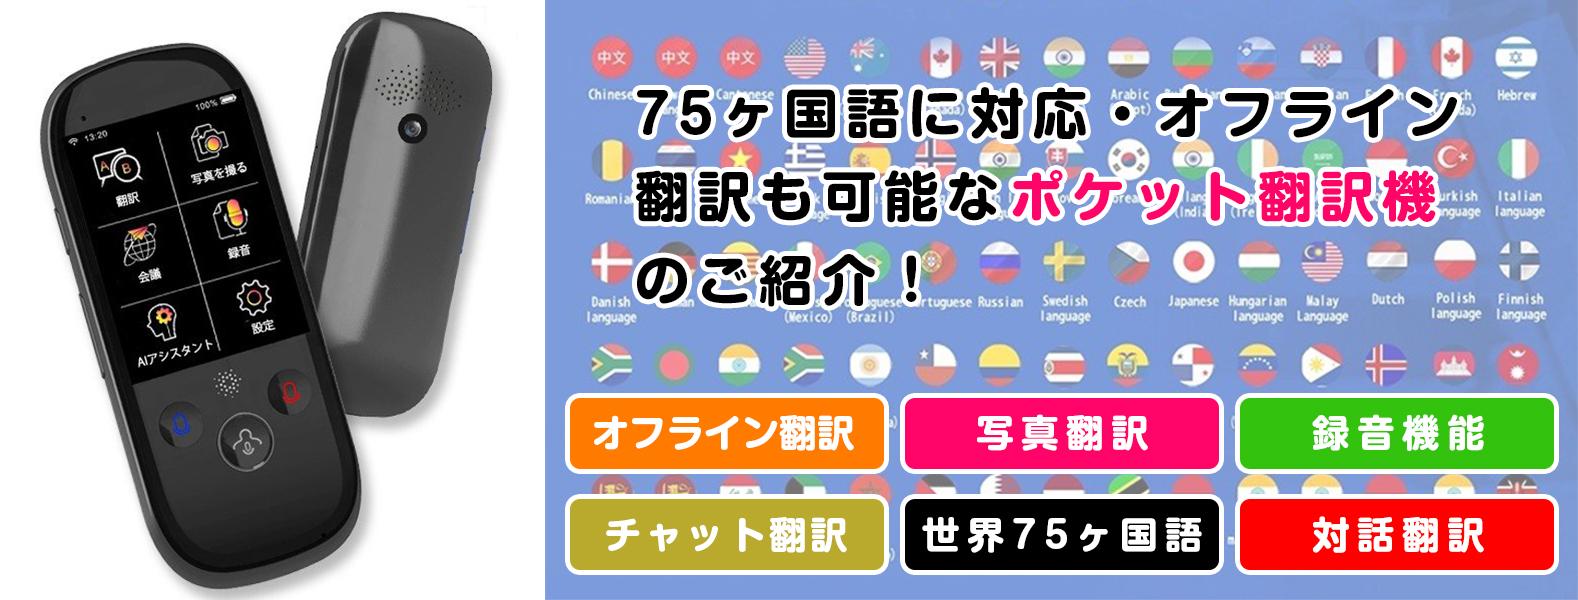 75ヶ国語に対応・オフライン翻訳も可能なポケット翻訳機のご紹介!